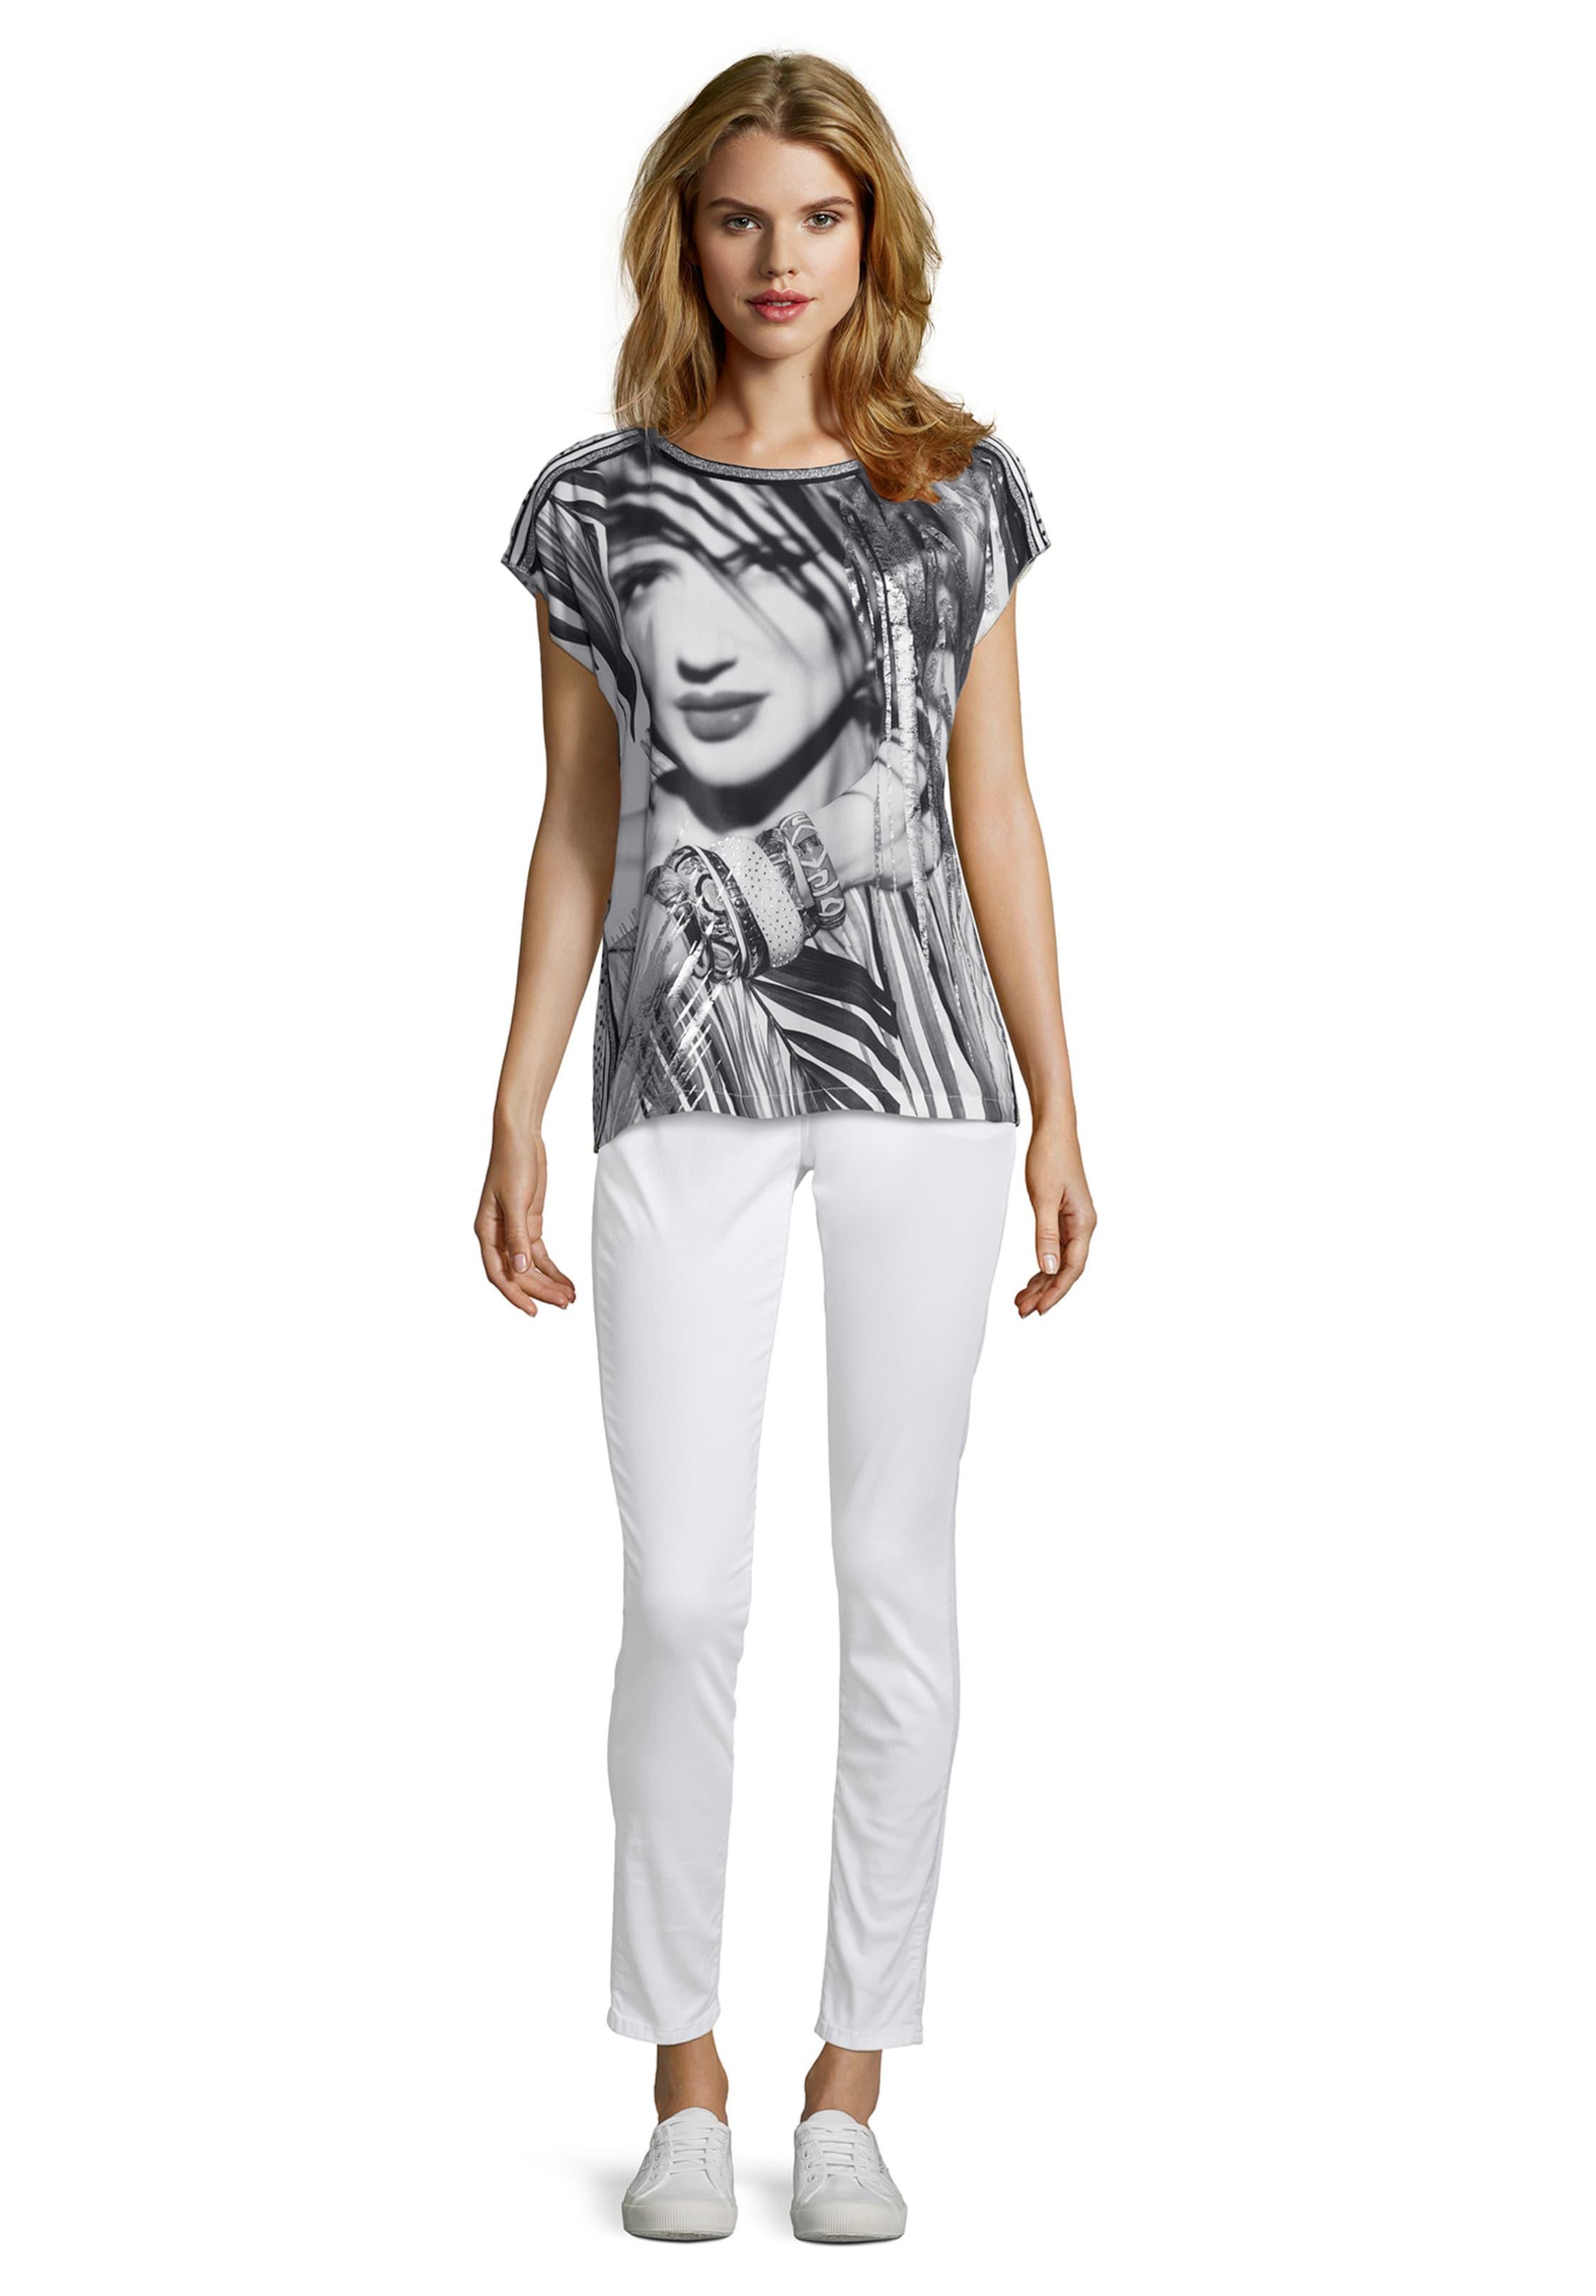 In GrauSchwarz Public In In Shirt Weiß Public GrauSchwarz GrauSchwarz Shirt Public Shirt Weiß BexrdCo